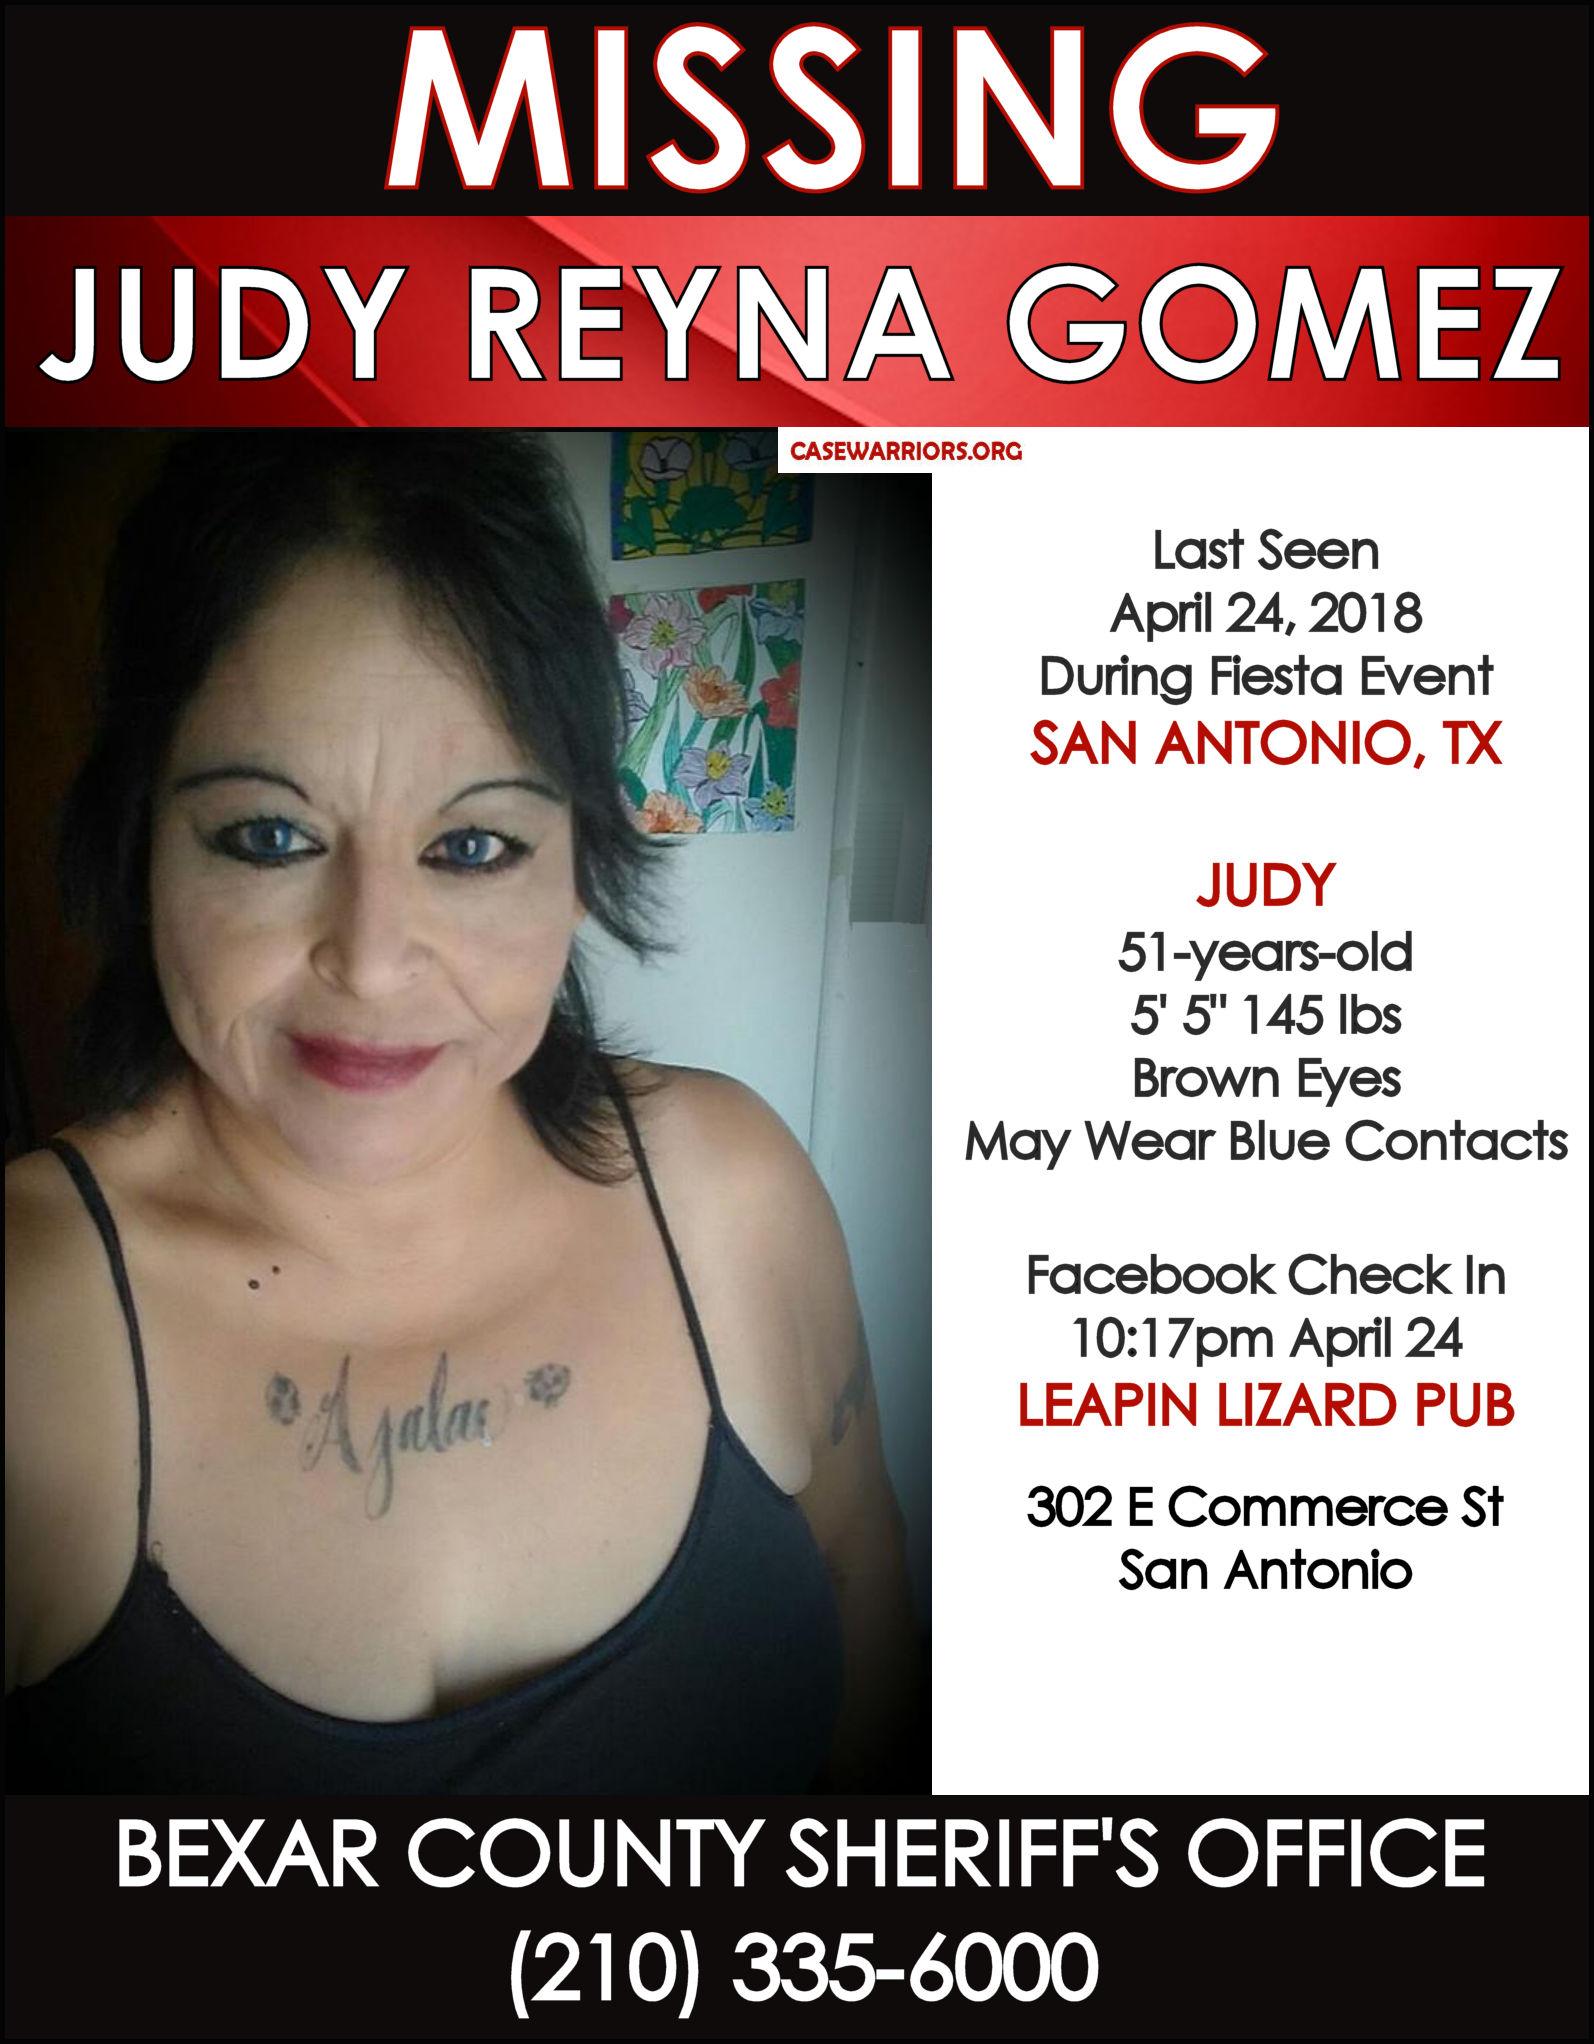 JUDY REYNA GOMEZ